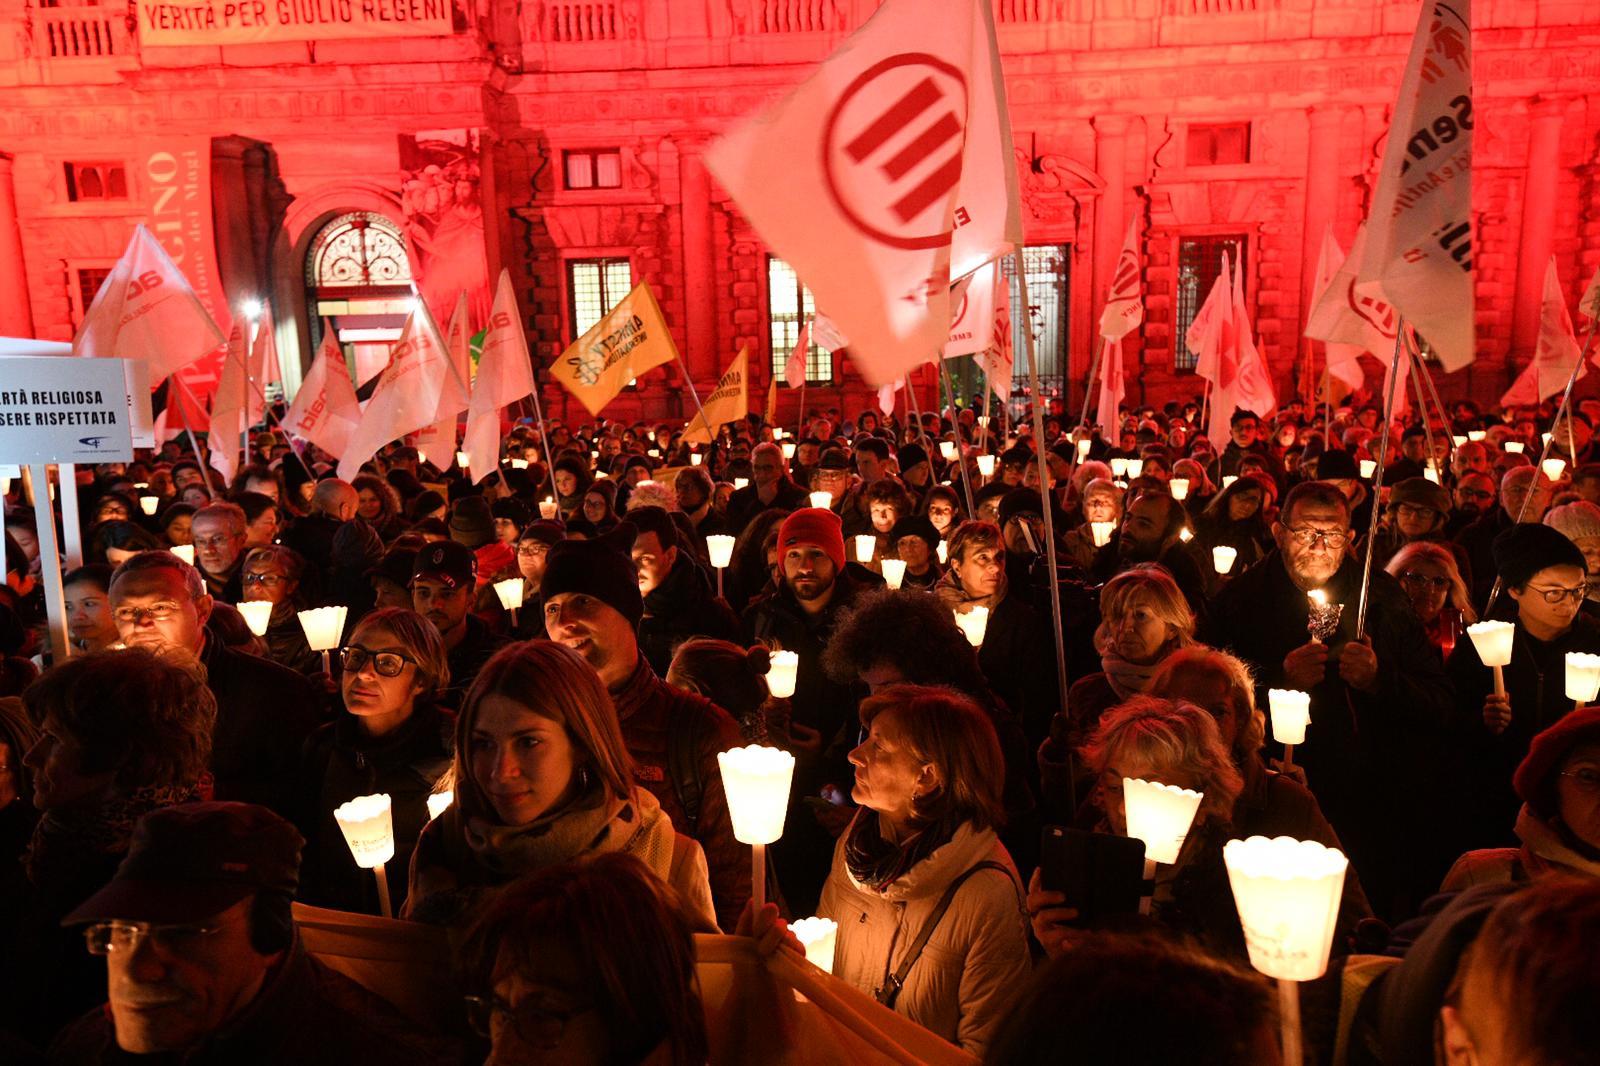 La fiaccolata Diritti a testa alta a Milano